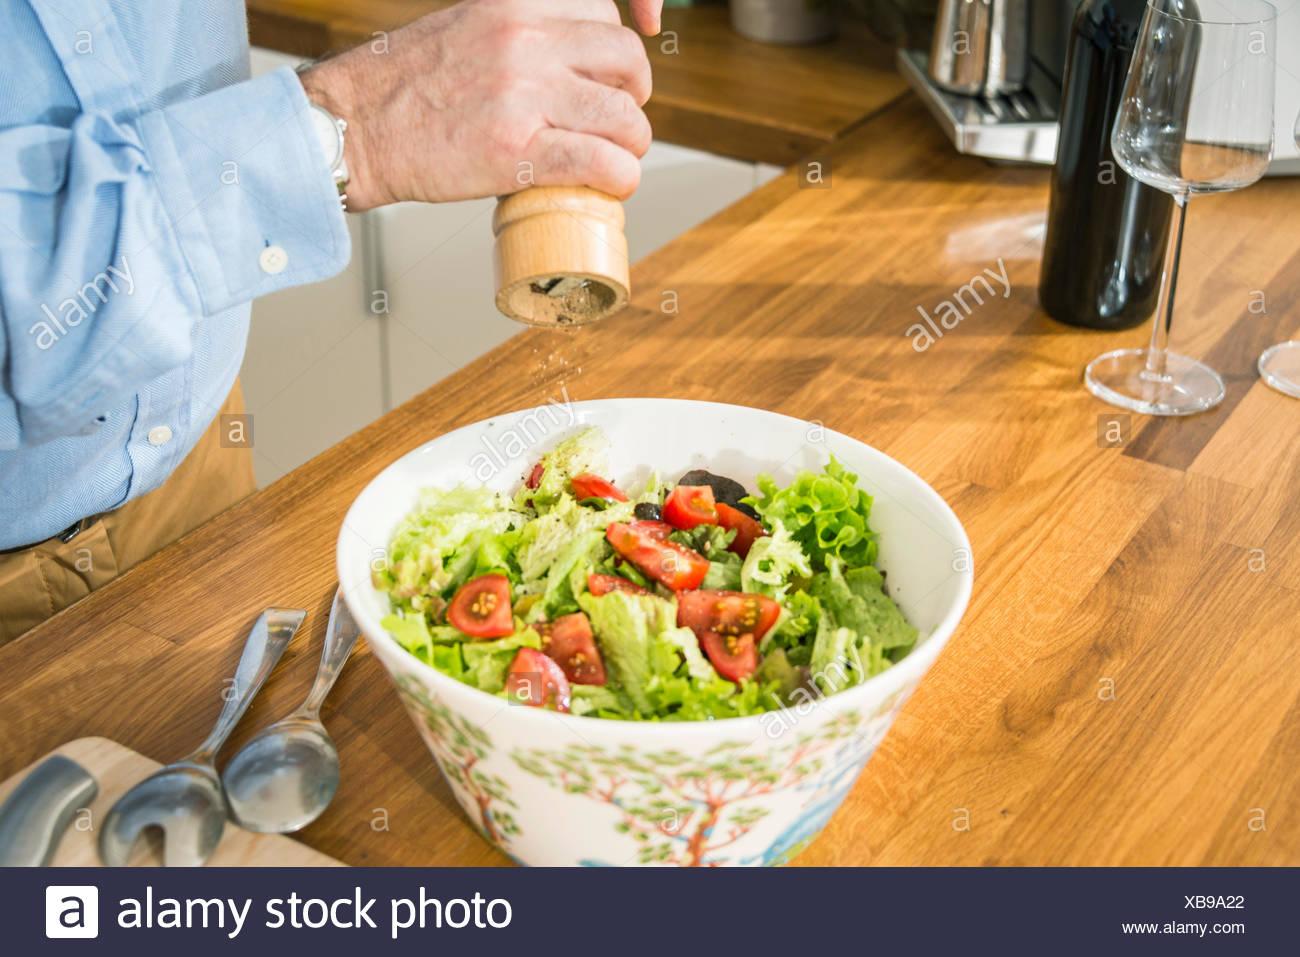 Persona il condimento per insalata Immagini Stock